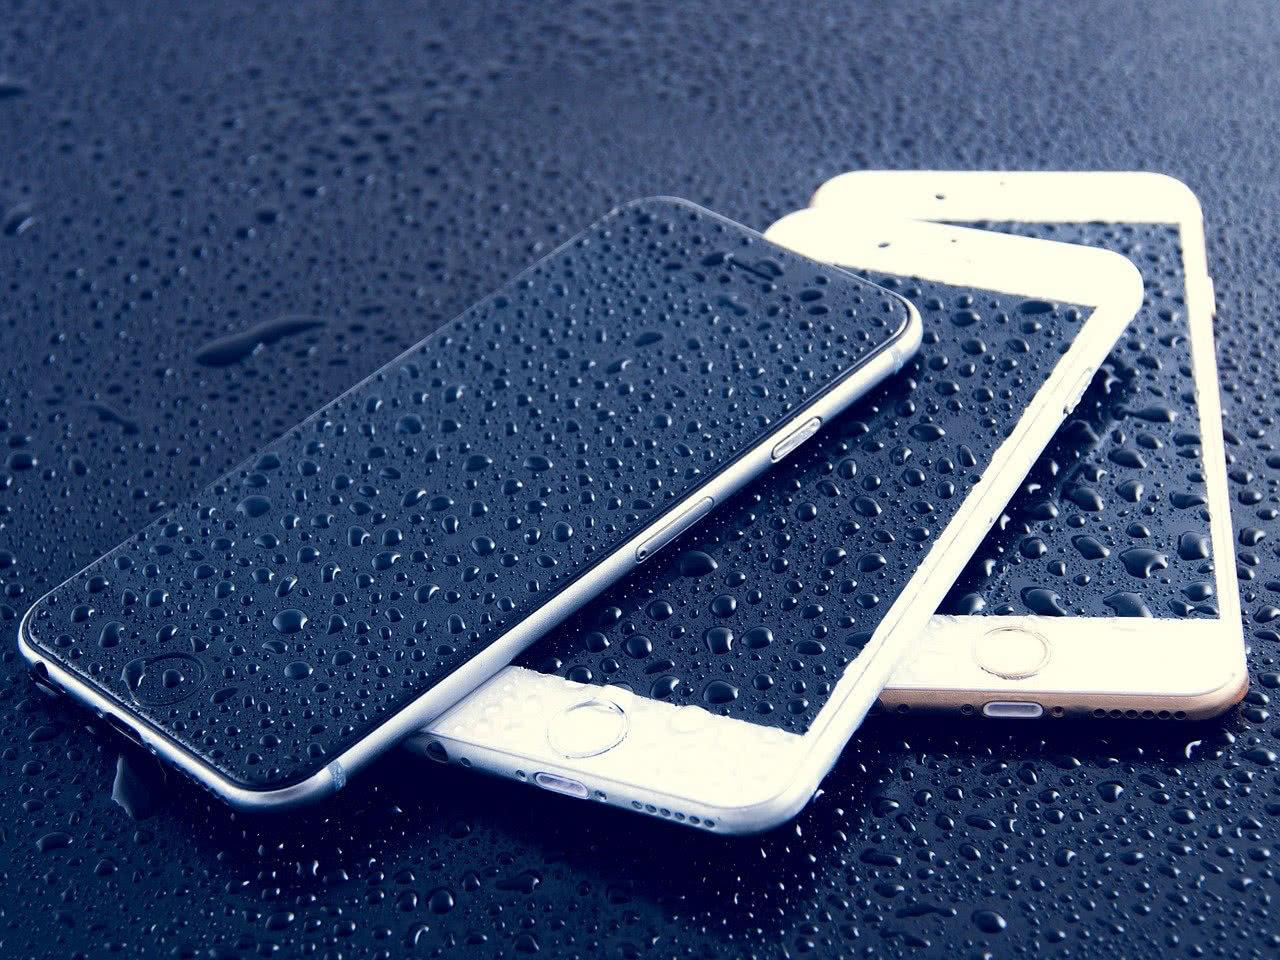 Comment savoir si votre iPhone a subi des dégâts d'eau